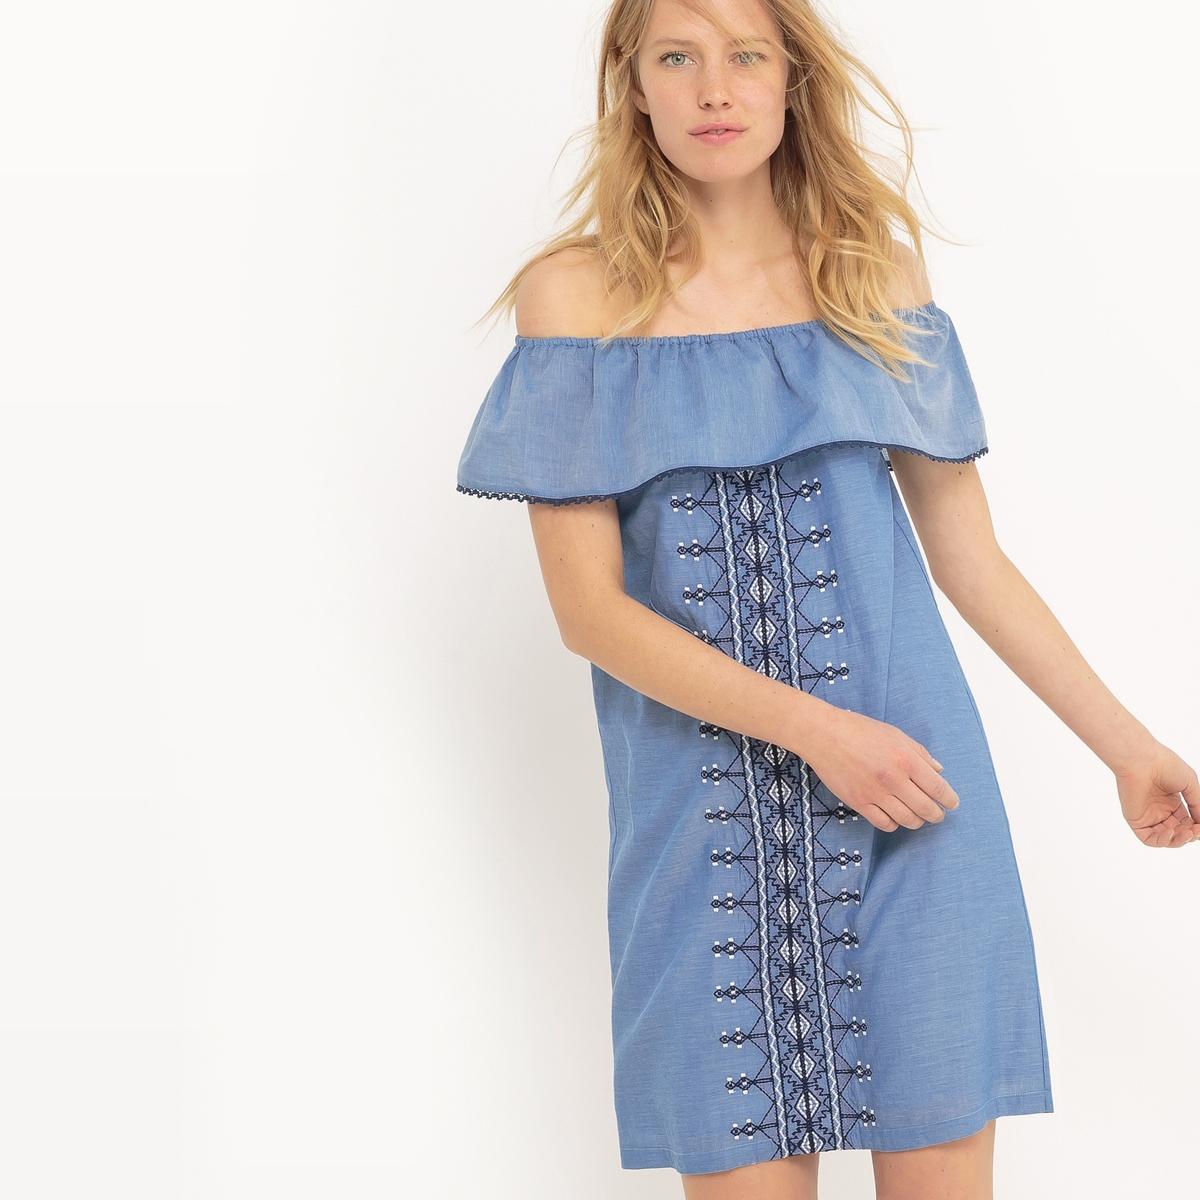 Платье-бандо однотонное с вышивкой длиной до коленМатериал : 100% хлопок      Подкладка : 100% хлопок      Длина рукава : короткие рукава       Форма воротника : без воротника      Покрой платья : платье прямого покроя       Рисунок : однотонная модель.      Особенность материала : с вышивкой        Особенность платья : с воланом       Длина платья : длина до колен      Стирка : машинная стирка при 30 °С в деликатном режиме      Уход : сухая чистка и отбеливание запрещены      Машинная сушка : машинная сушка запрещена      Глажка : при низкой температуре<br><br>Цвет: синий<br>Размер: 38 (FR) - 44 (RUS)